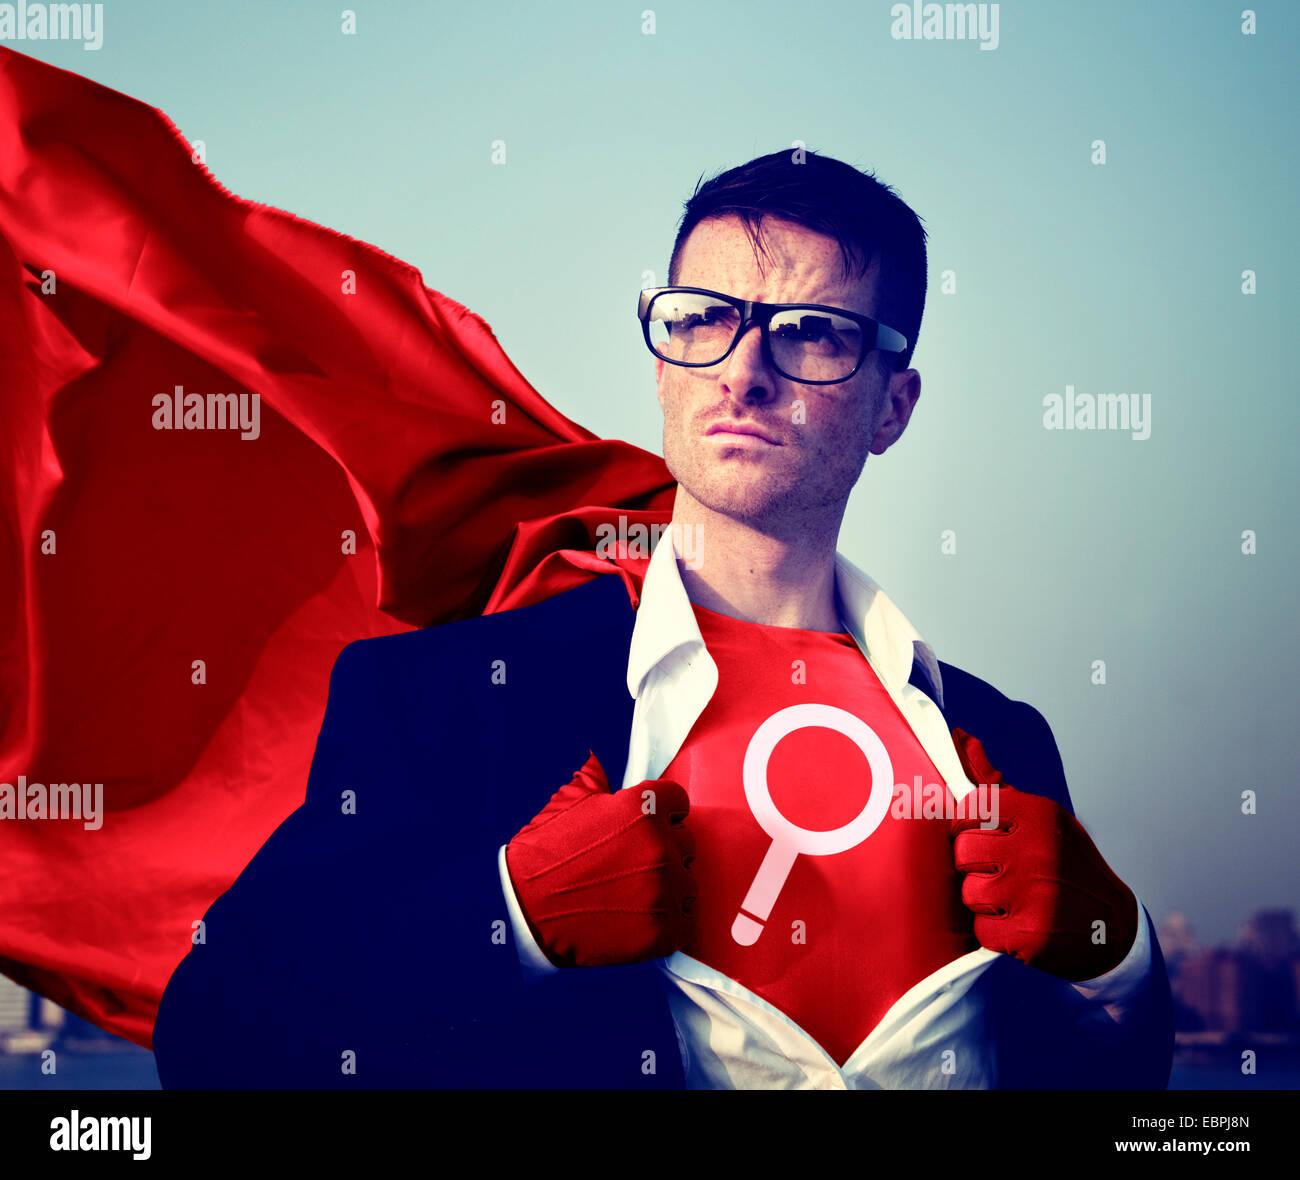 Lupa de superhéroe Fuerte éxito Habilitación Profesional concepto de stock Imagen De Stock